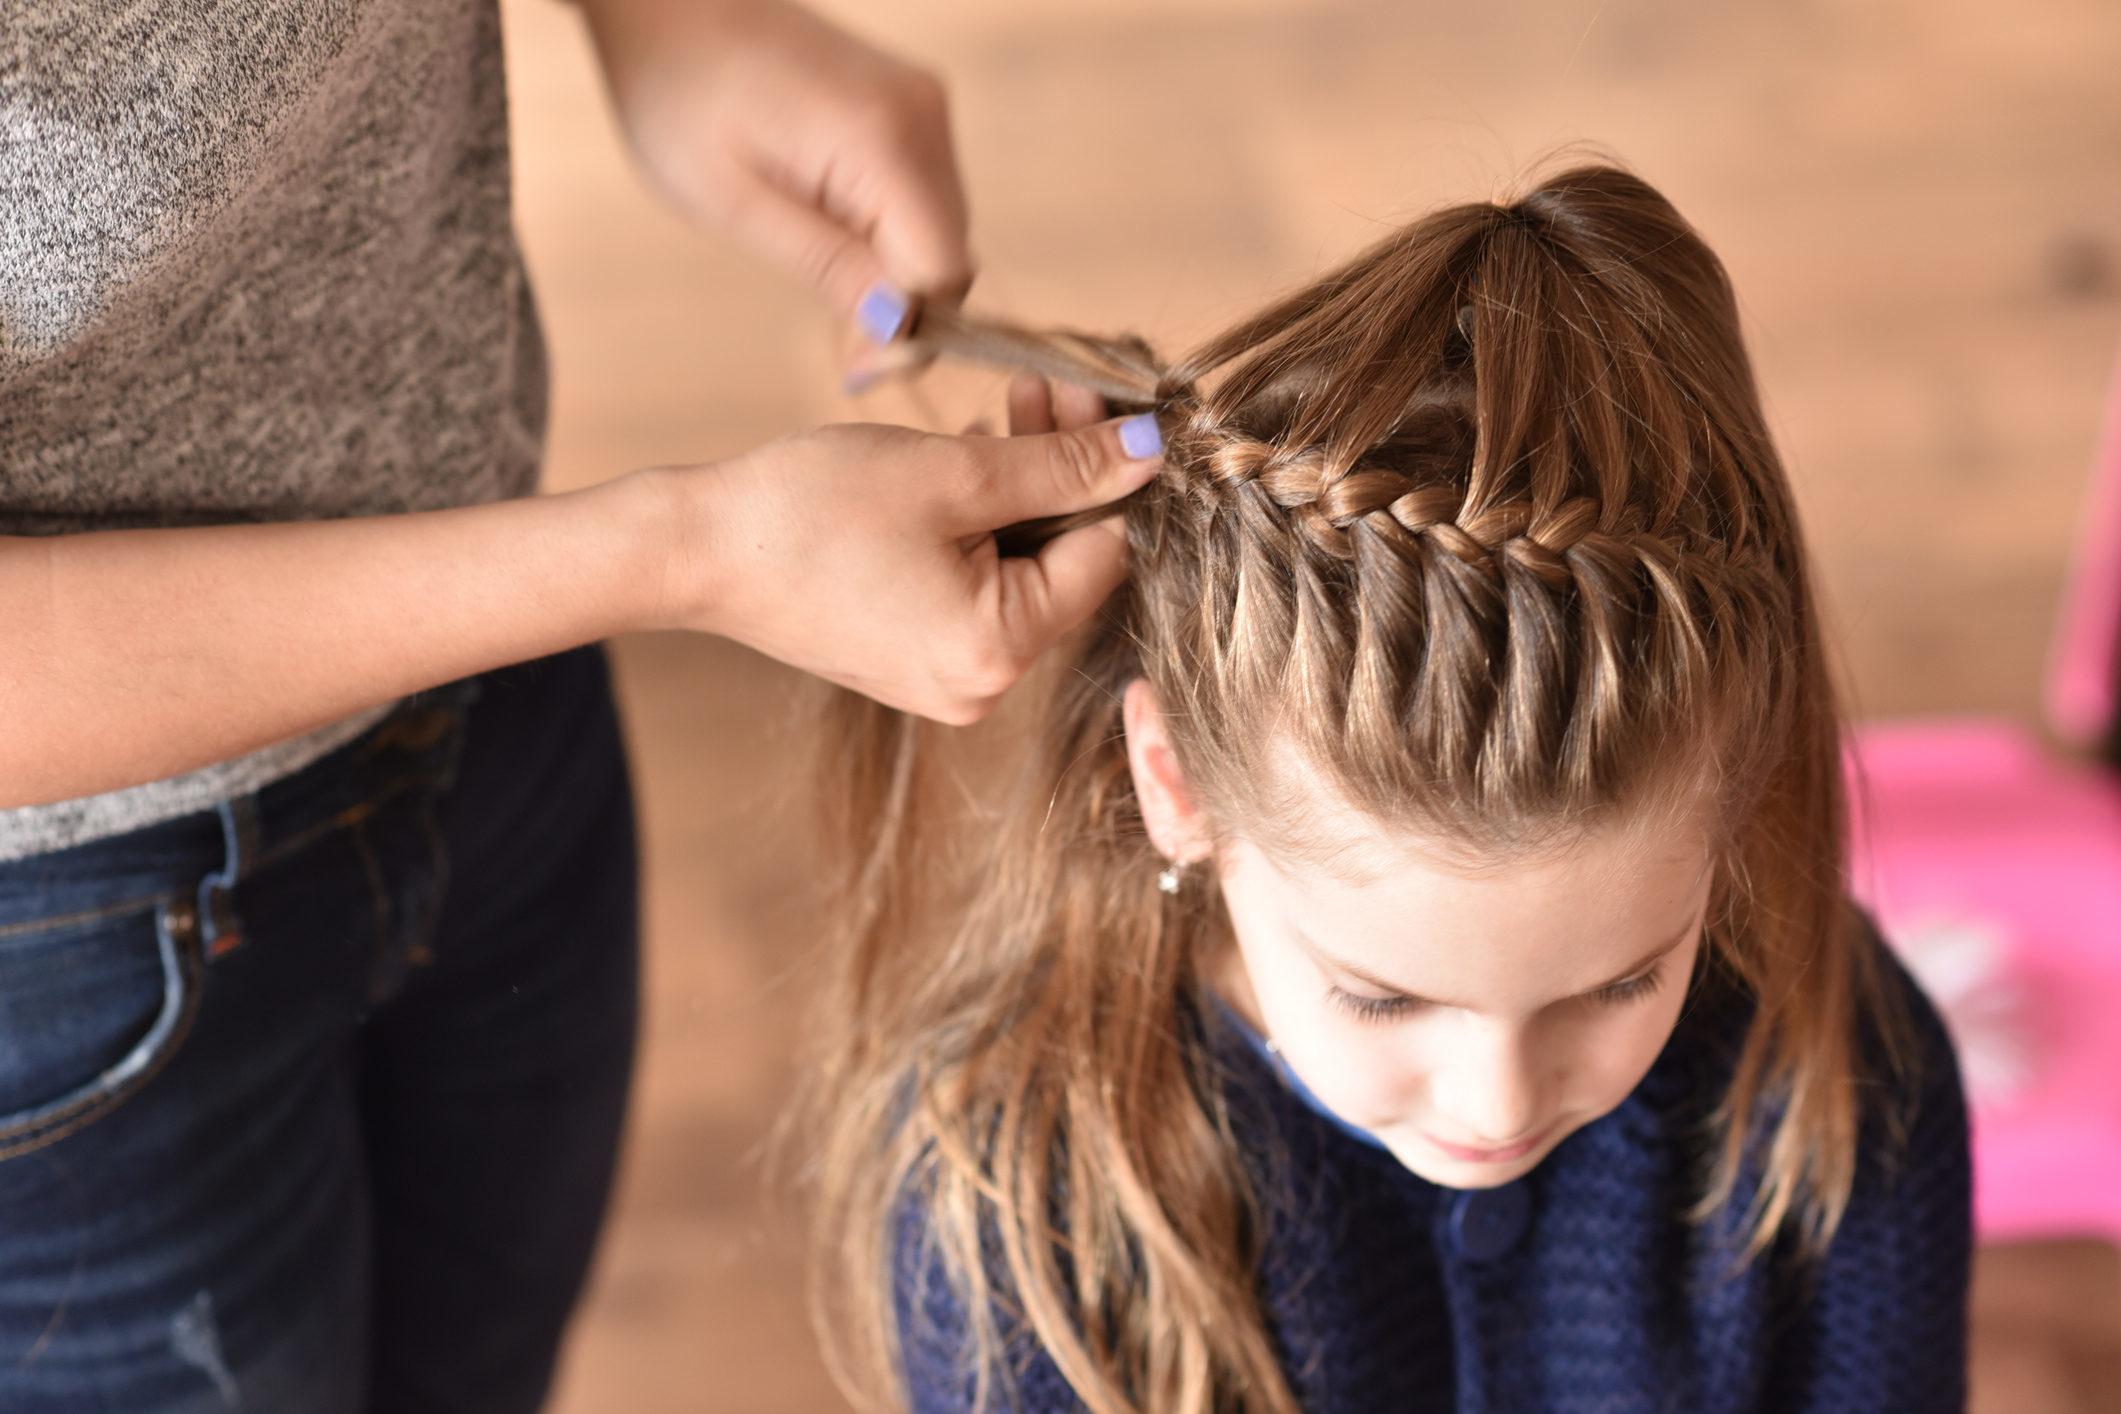 mujer trenzando el cabello de una niña